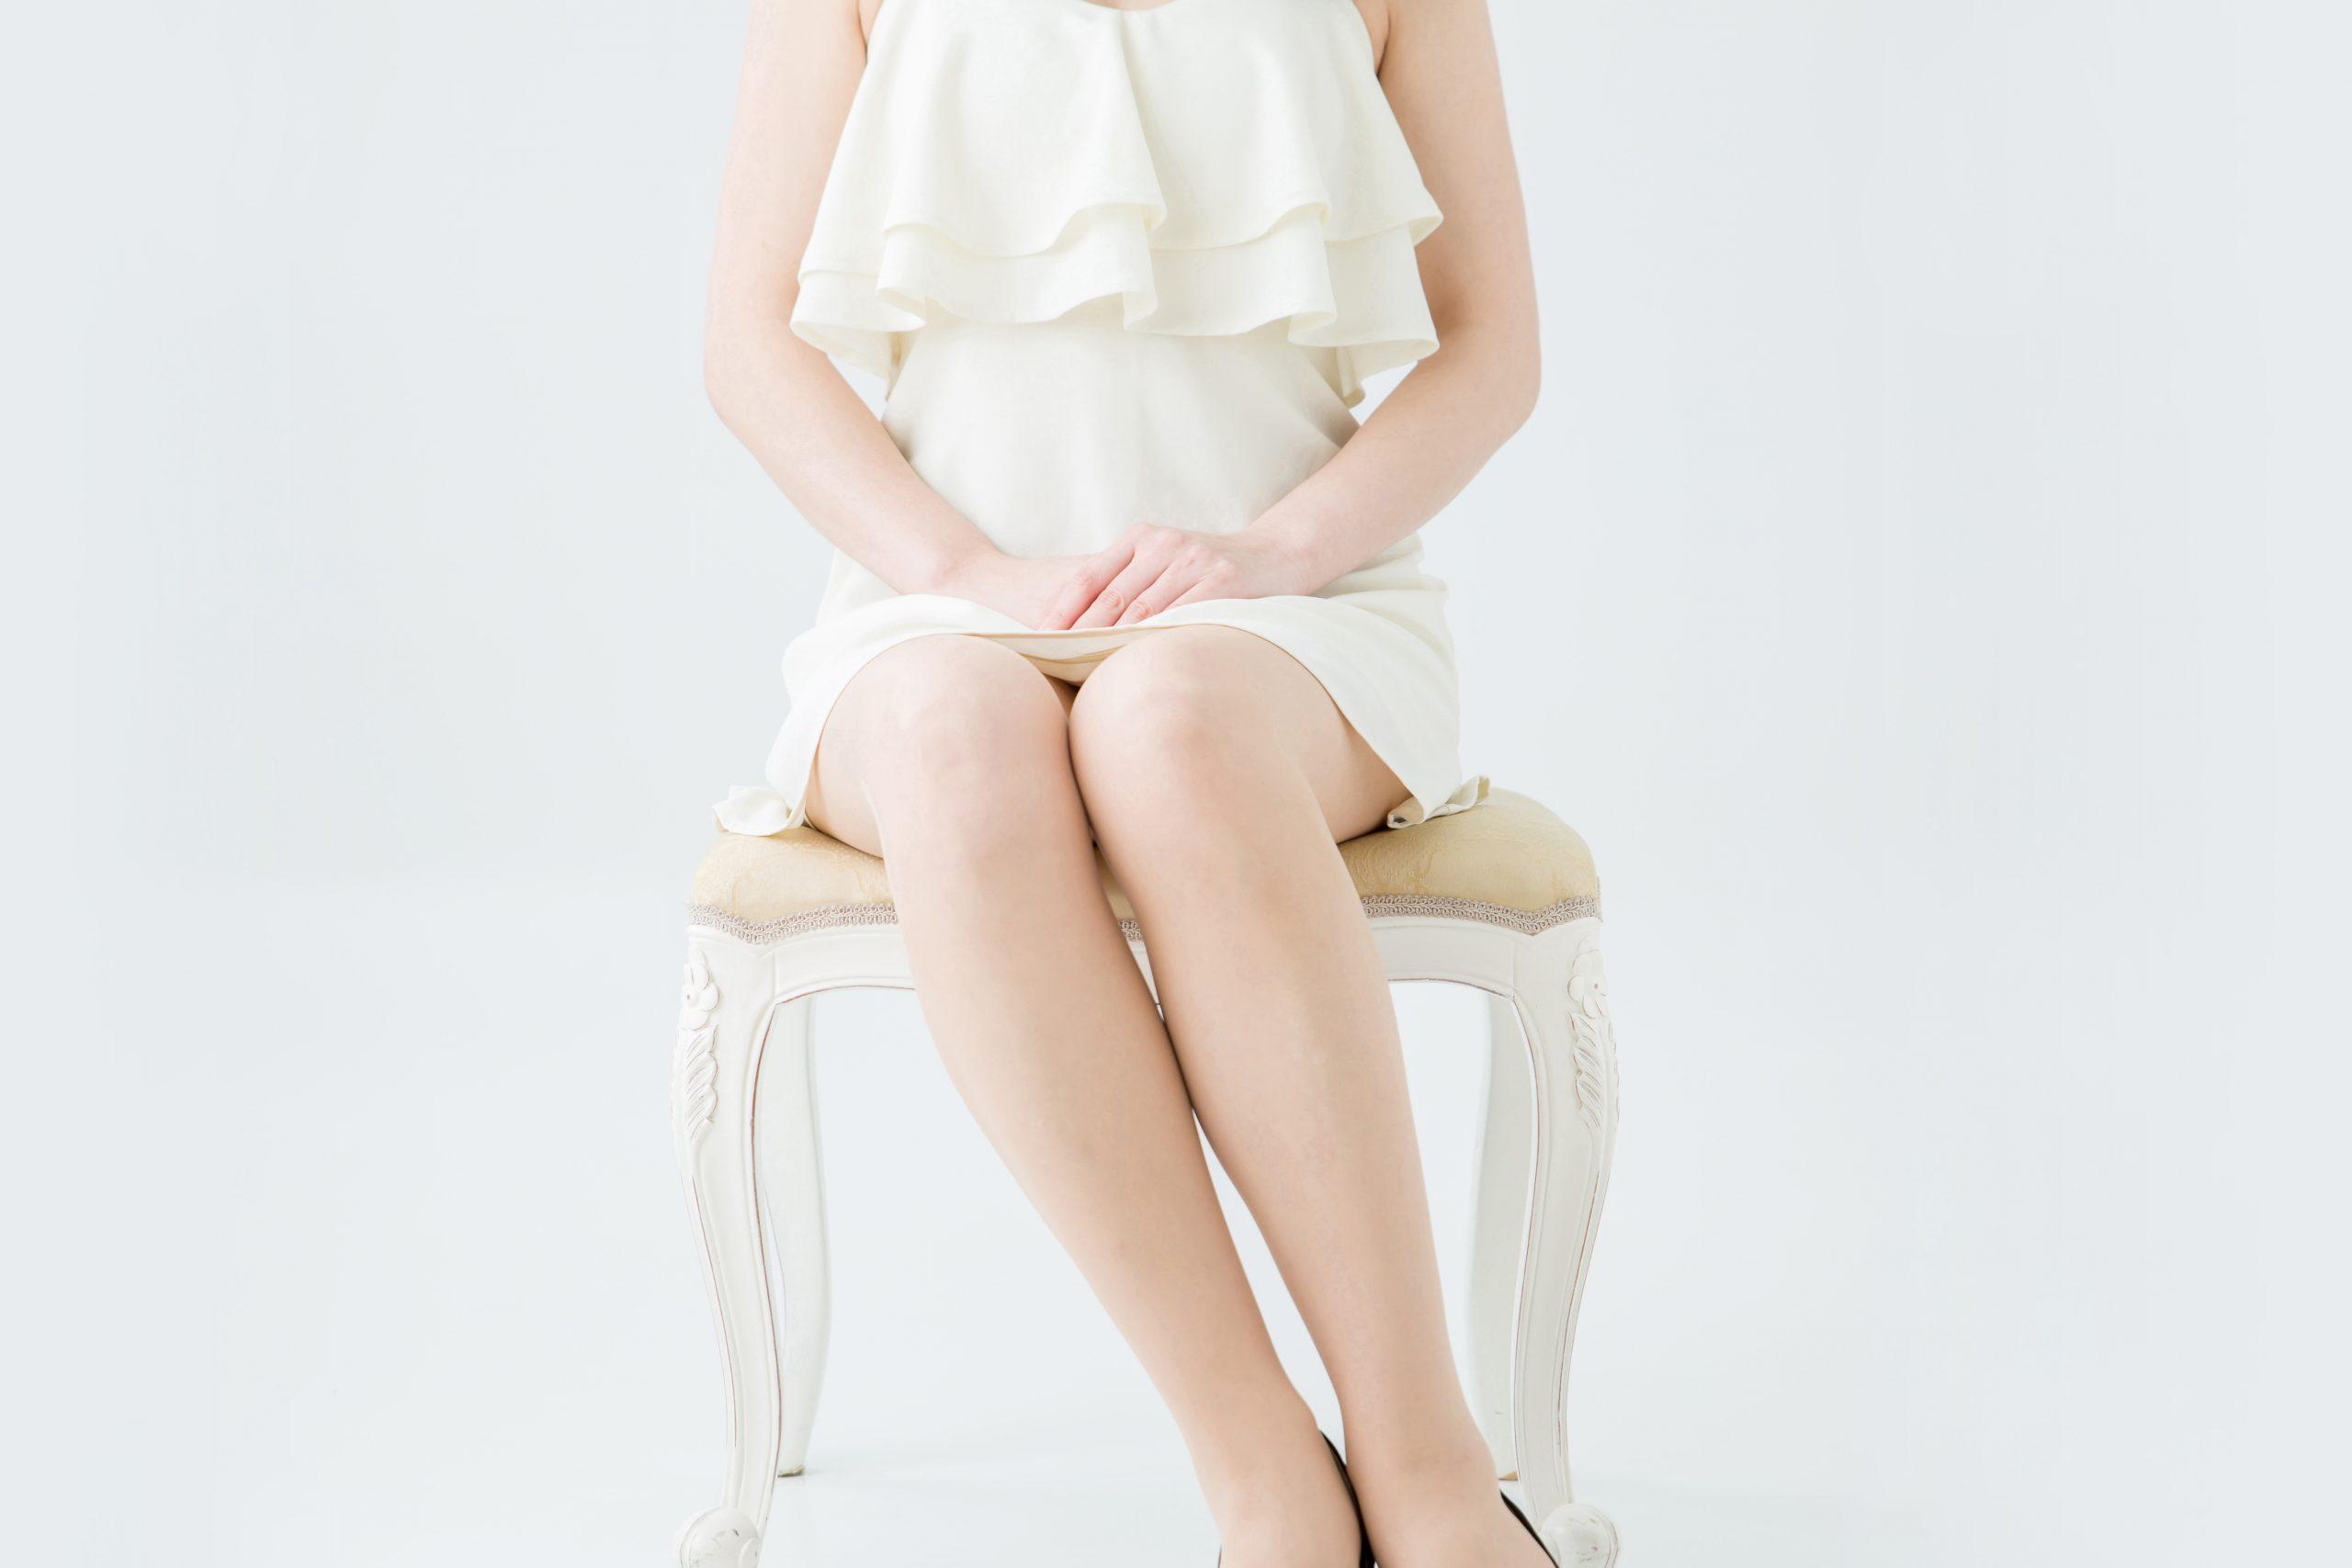 足を揃えて綺麗に座っている女性